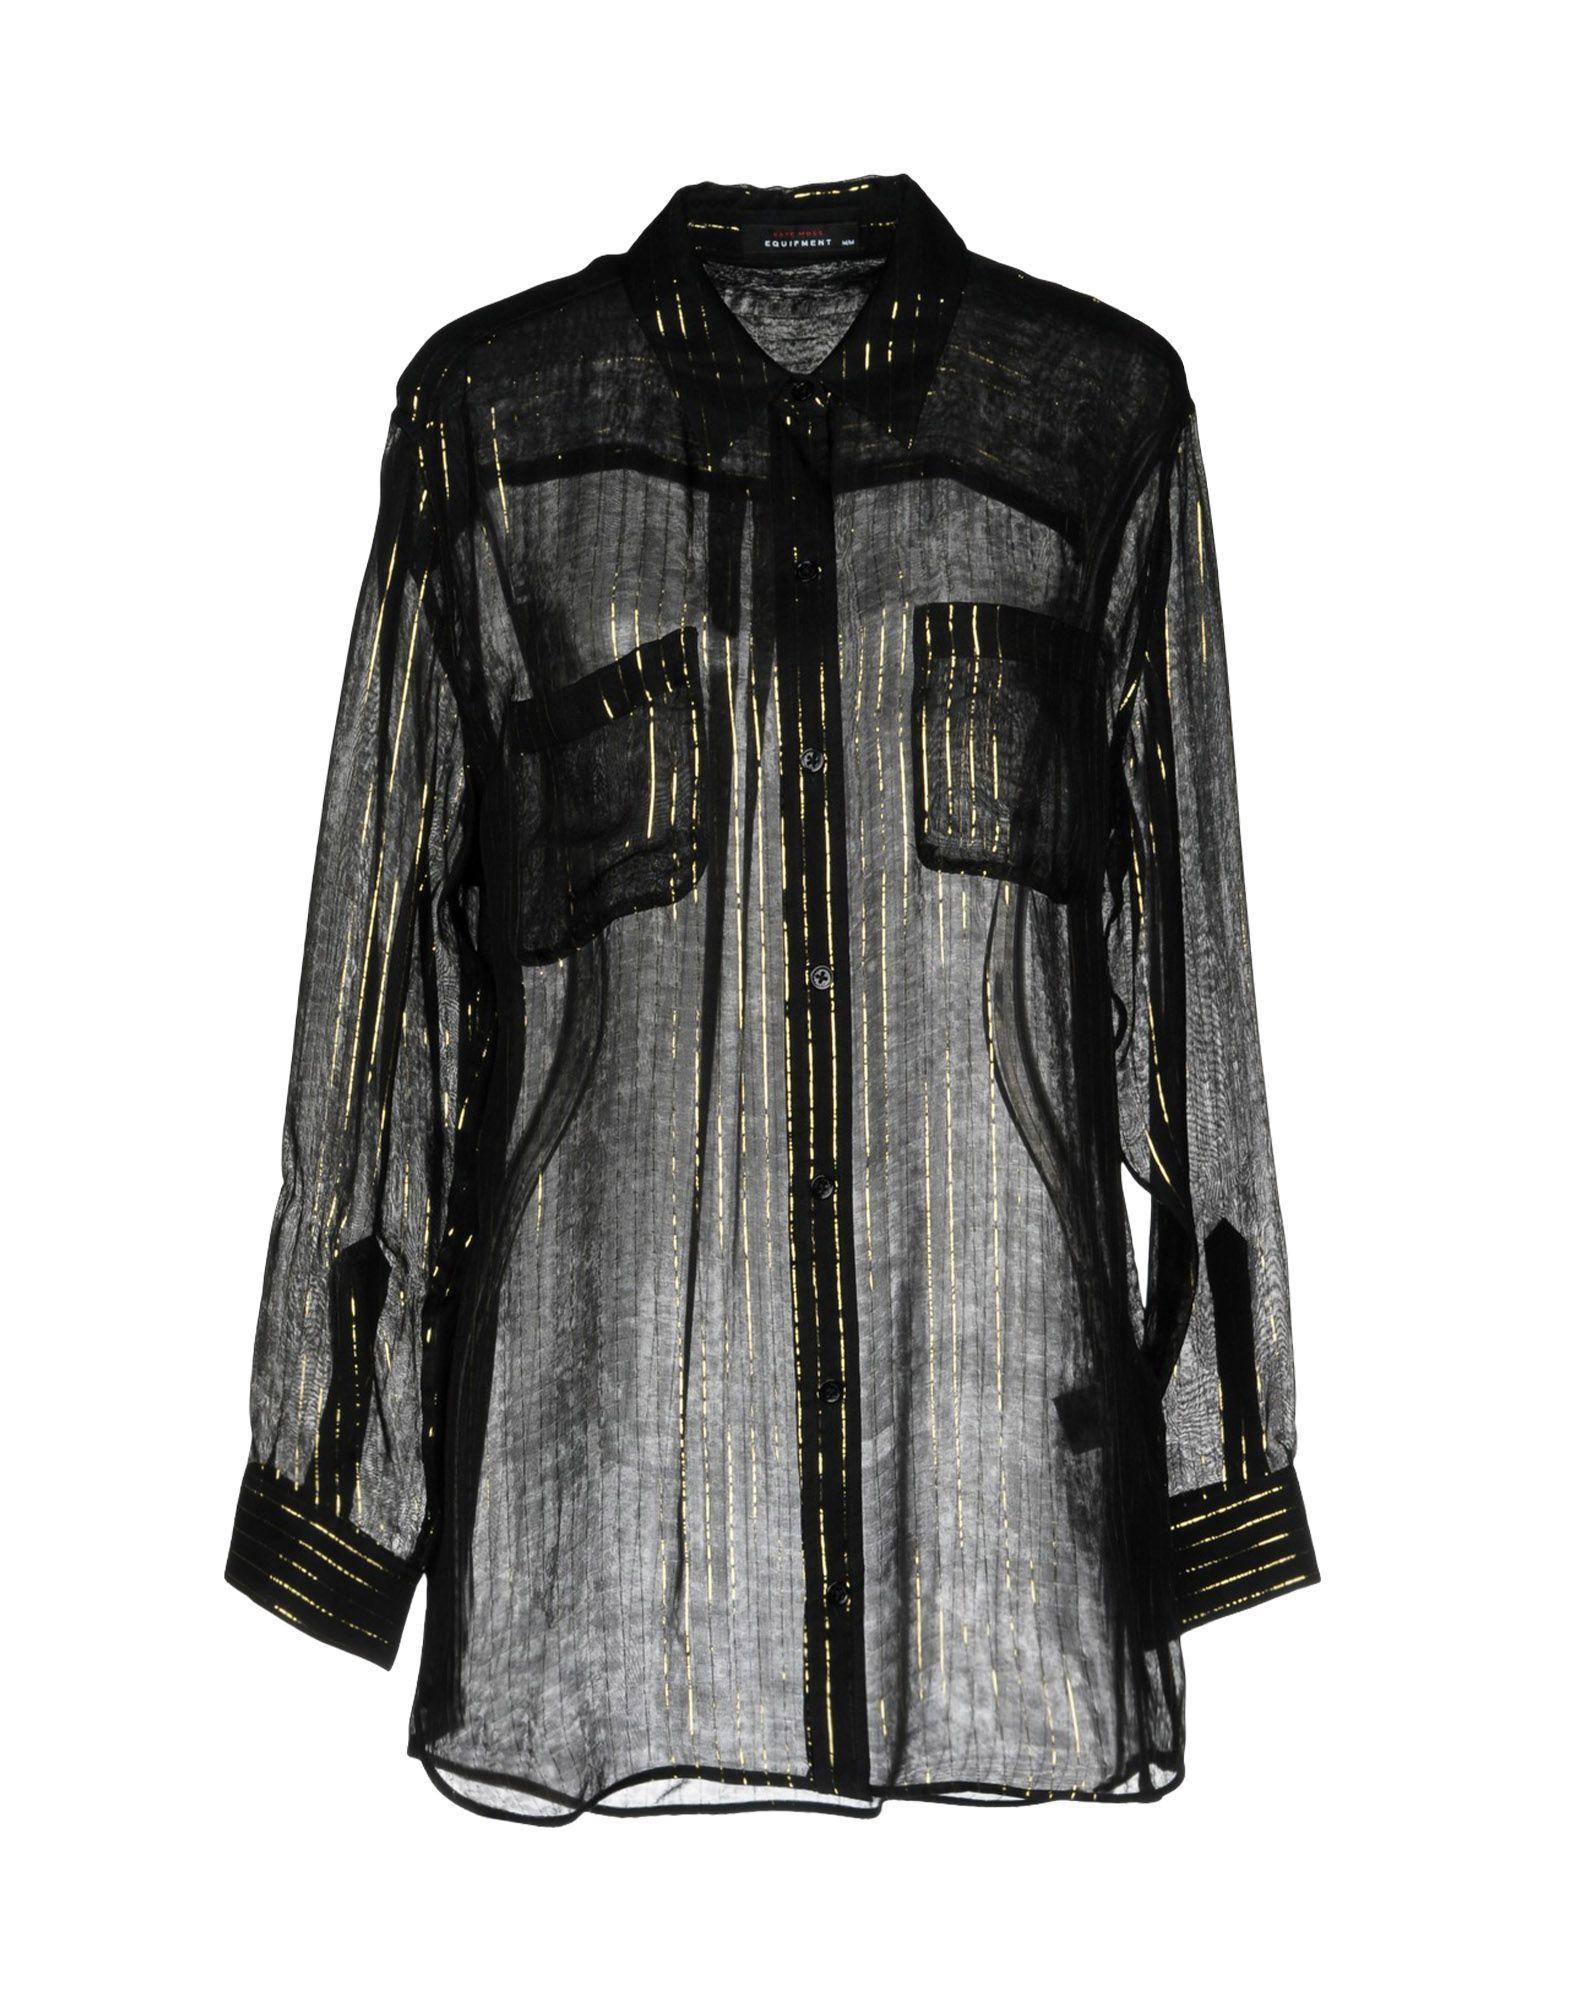 《送料無料》KATE MOSS EQUIPMENT レディース シャツ ブラック XS シルク 96% / 金属繊維 4%